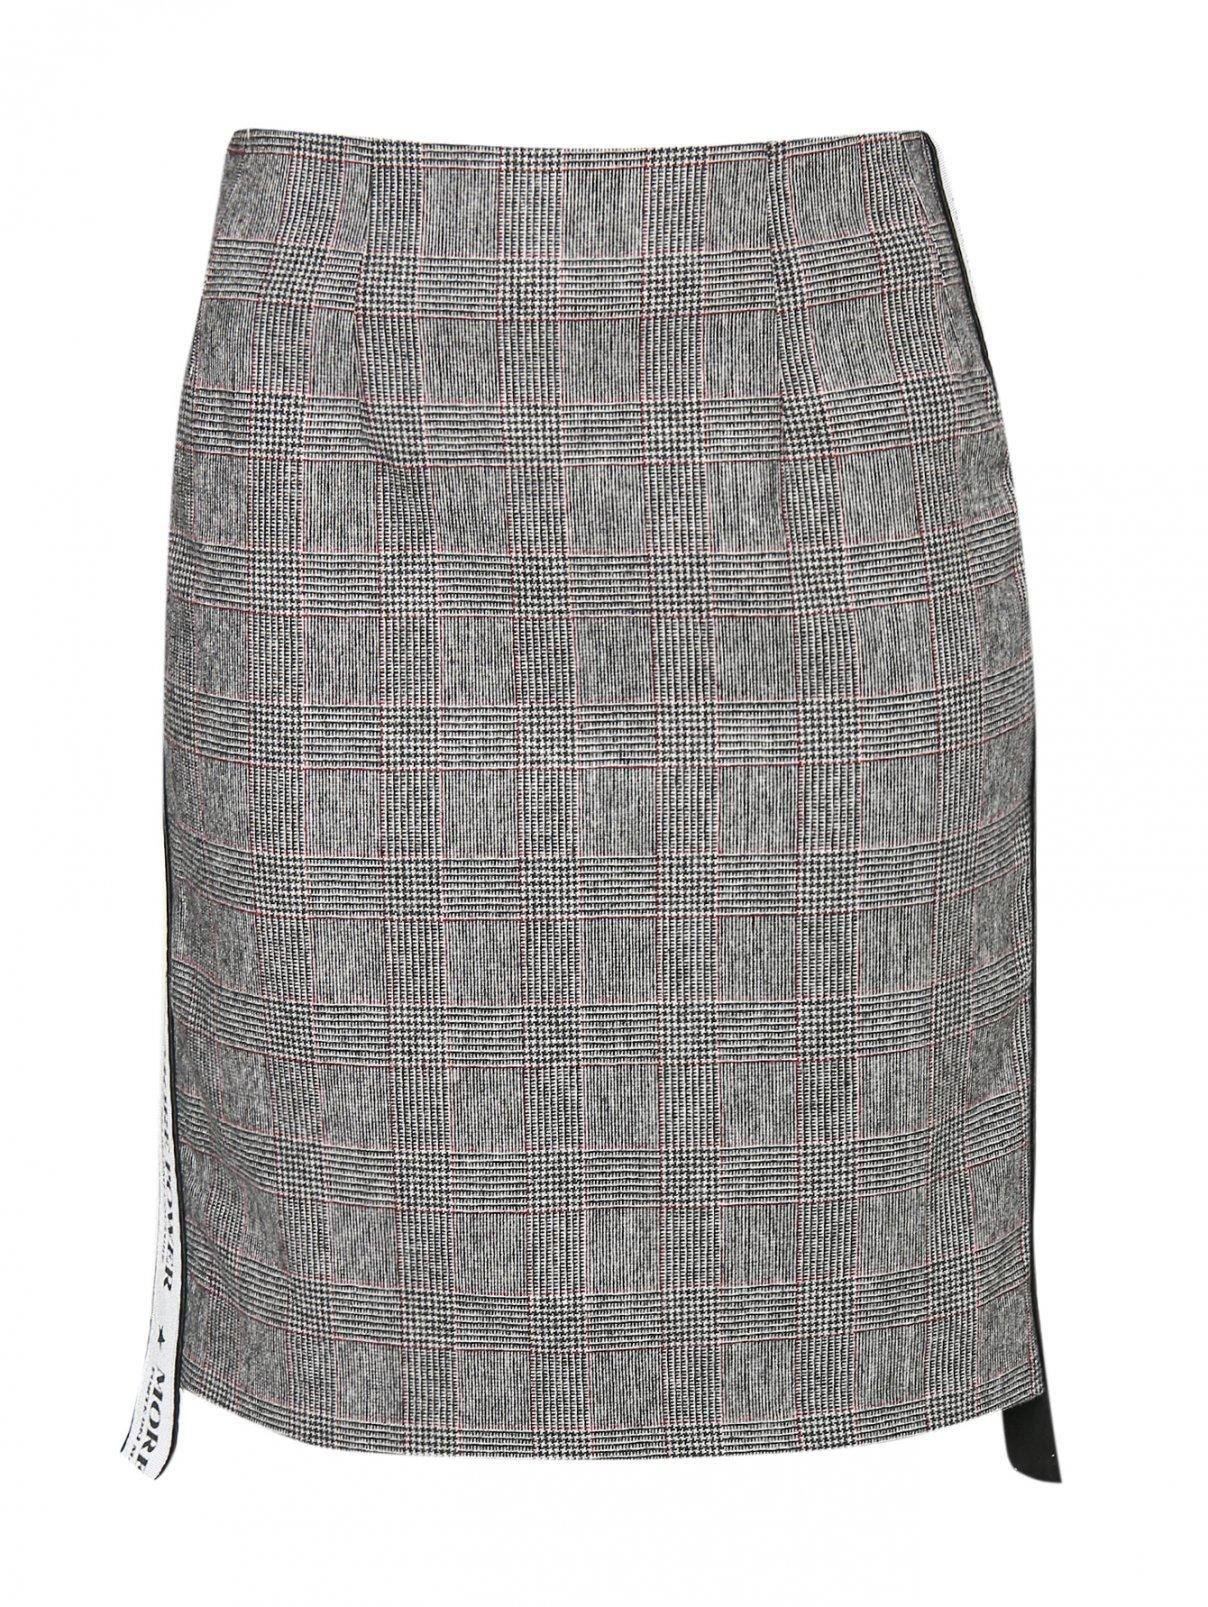 Юбка-мини из смешанной шерсти с узором и контрастной отделкой FORTE COUTURE  –  Общий вид  – Цвет:  Серый